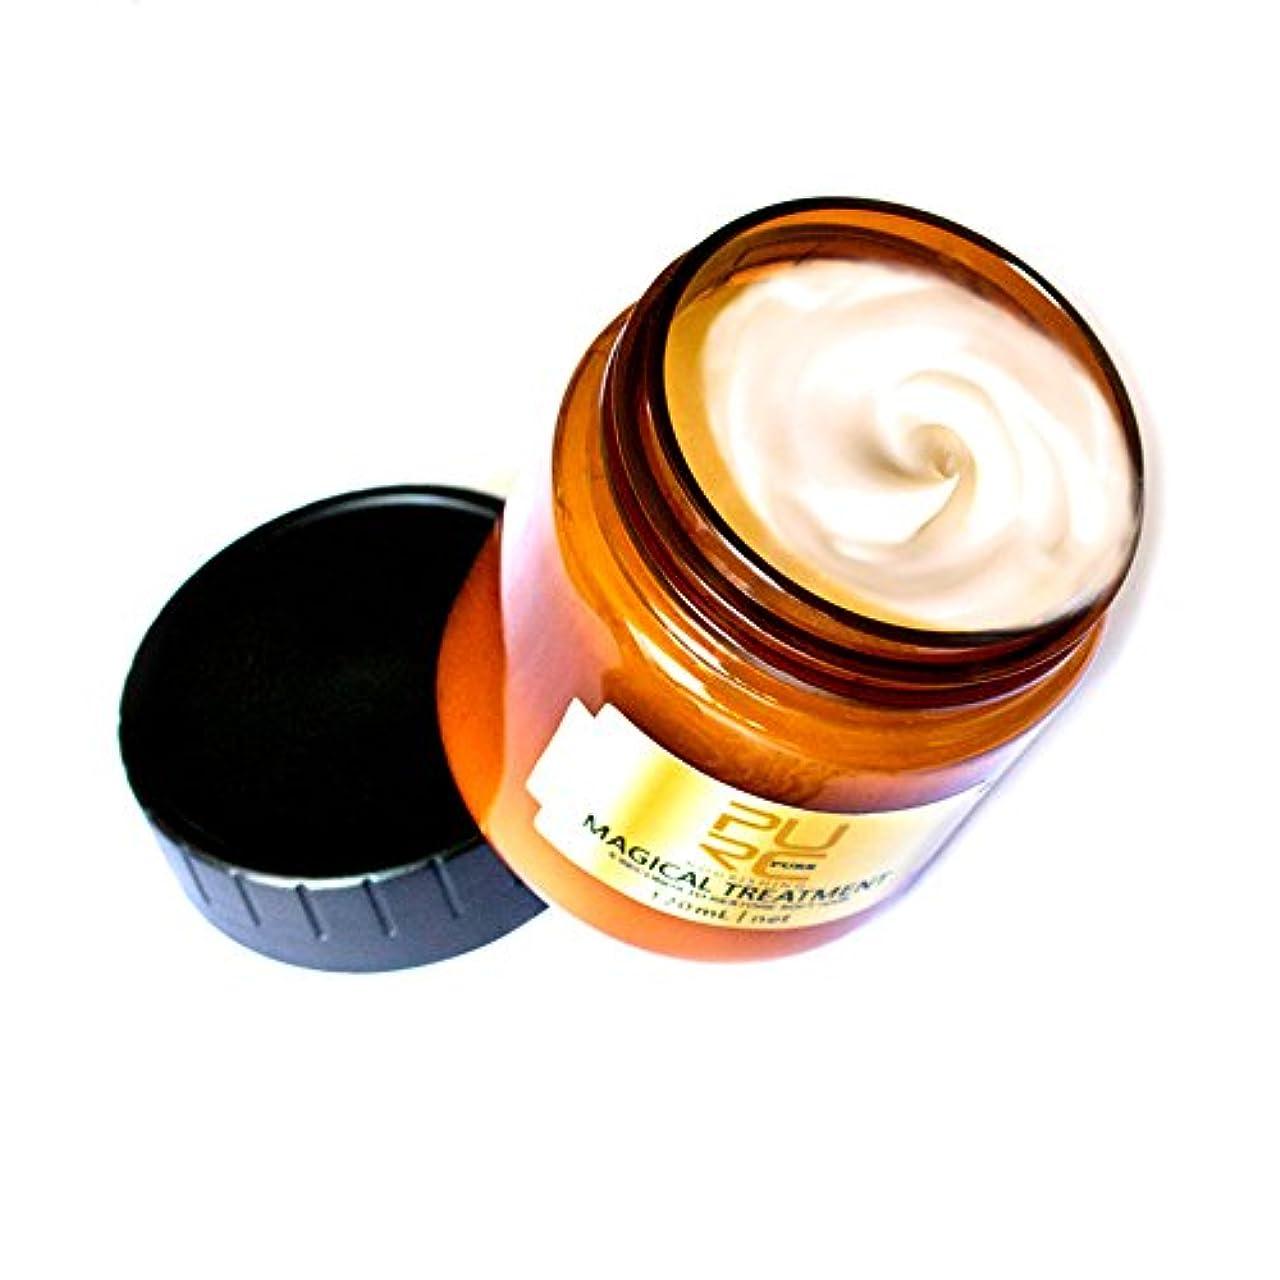 羊気候の山窒素ヘアトリートメント ディープリペア軟膏マスク 髪の栄養素を補う 角質層の保護を強化する 乾燥した髪に適しています 髪を柔らかくつやつやに保ちます 60ml / 120ml (A 120 ml)